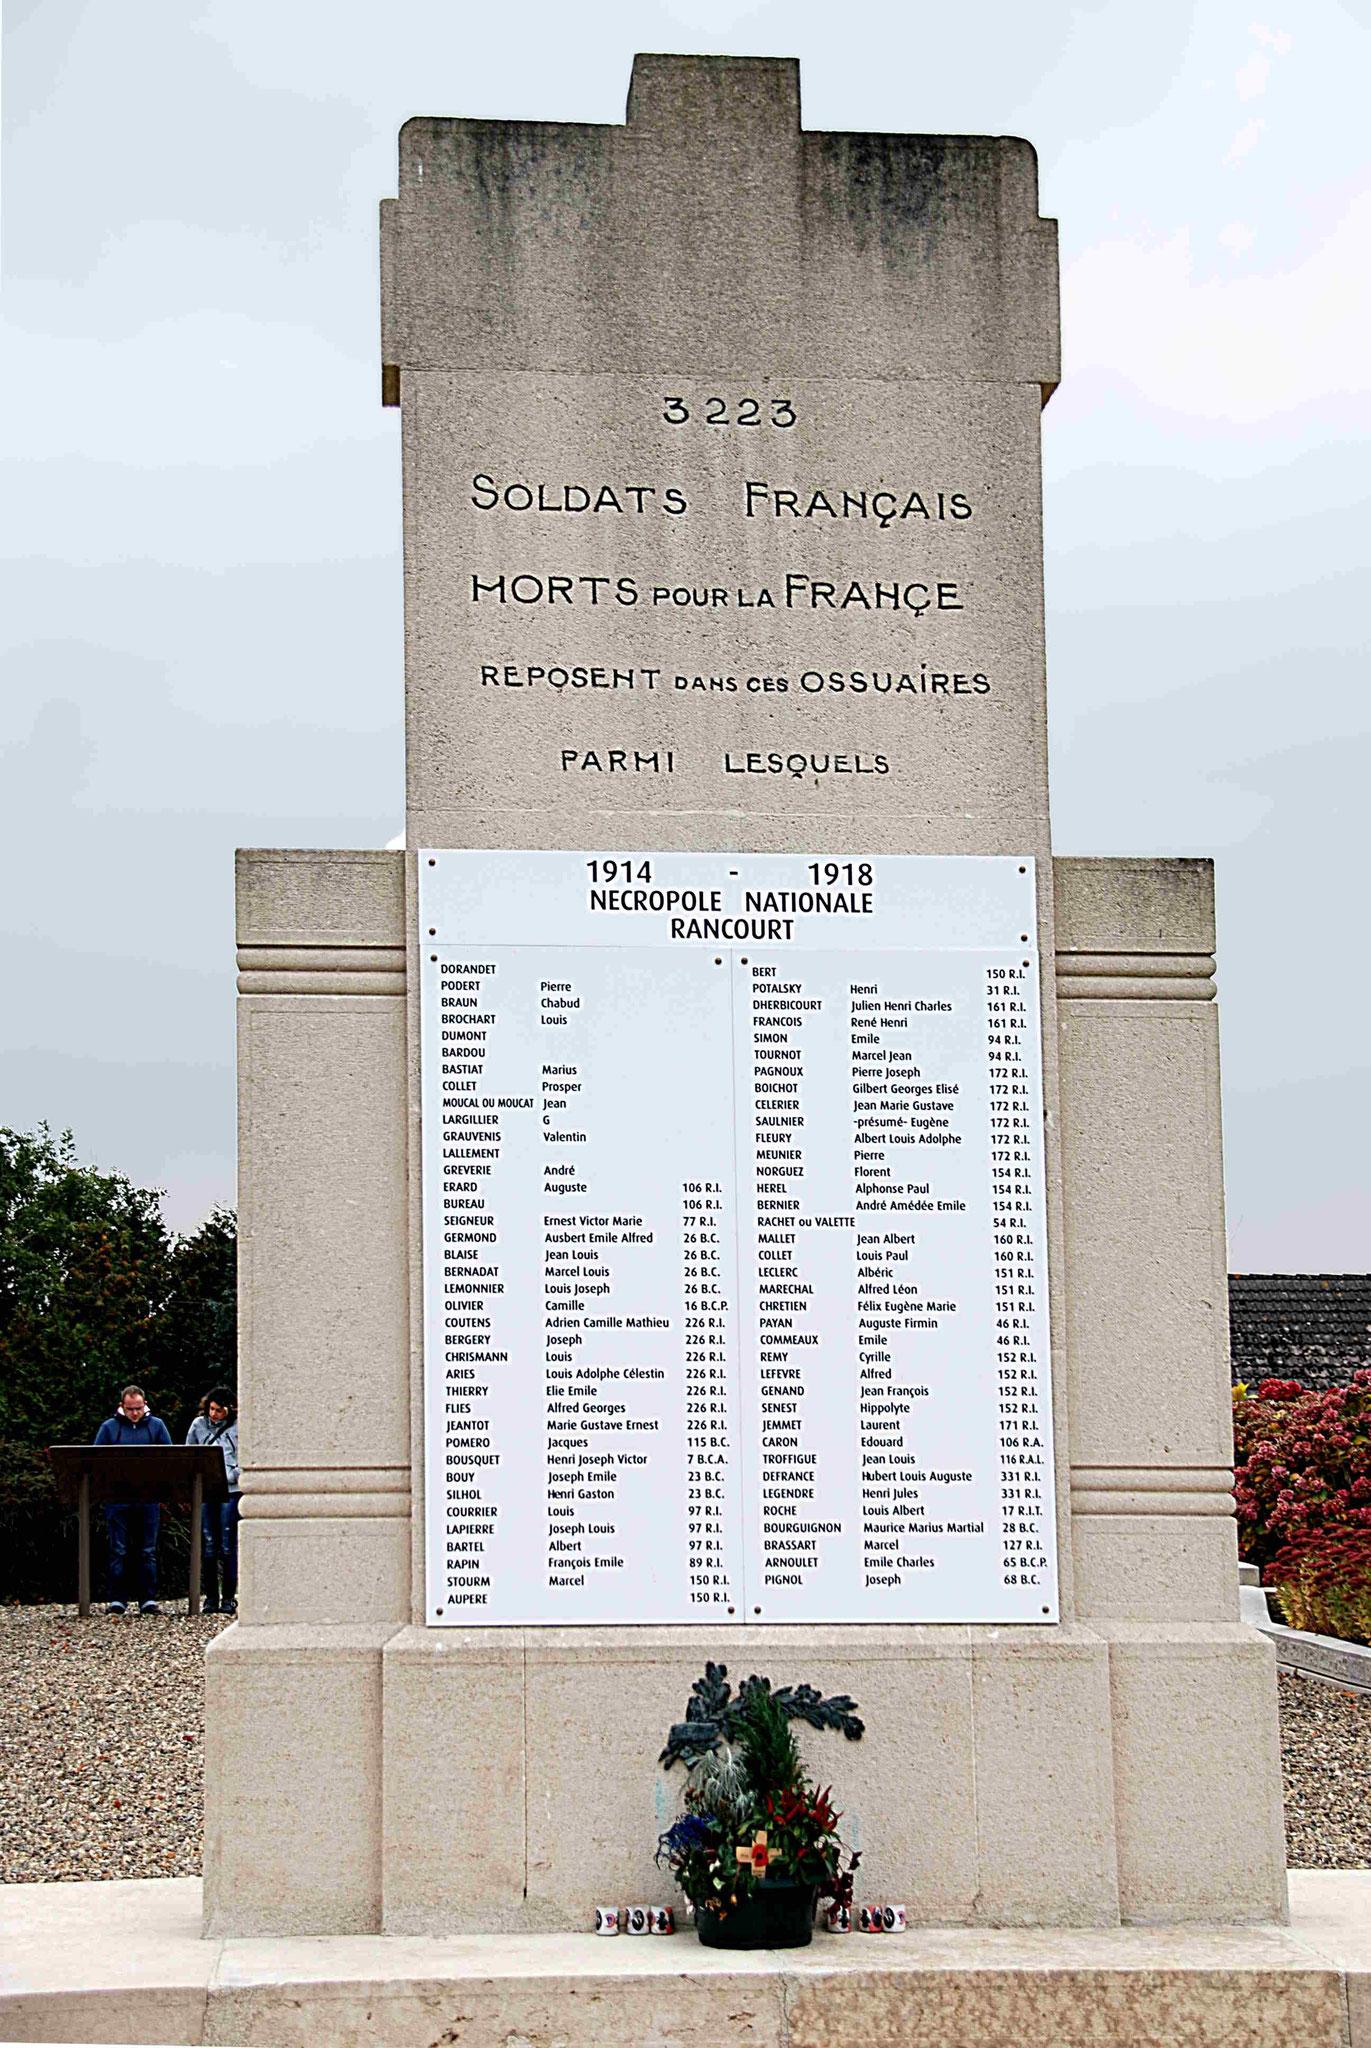 3223 soldats dans cet ossuaire...